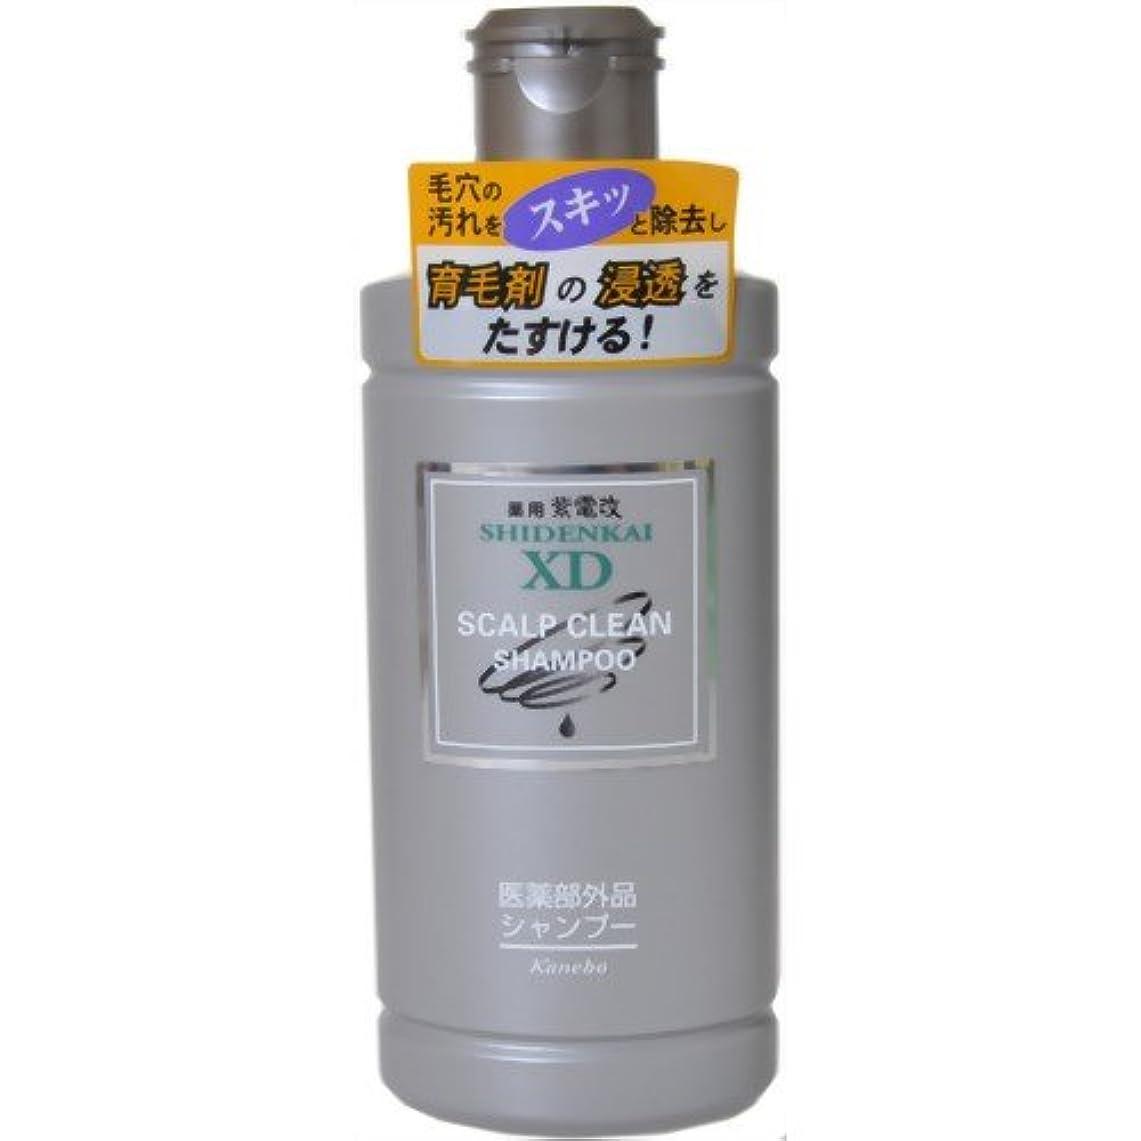 くるくる農民うれしいカネボウ 薬用紫電改X.Dシャンプー 250ml